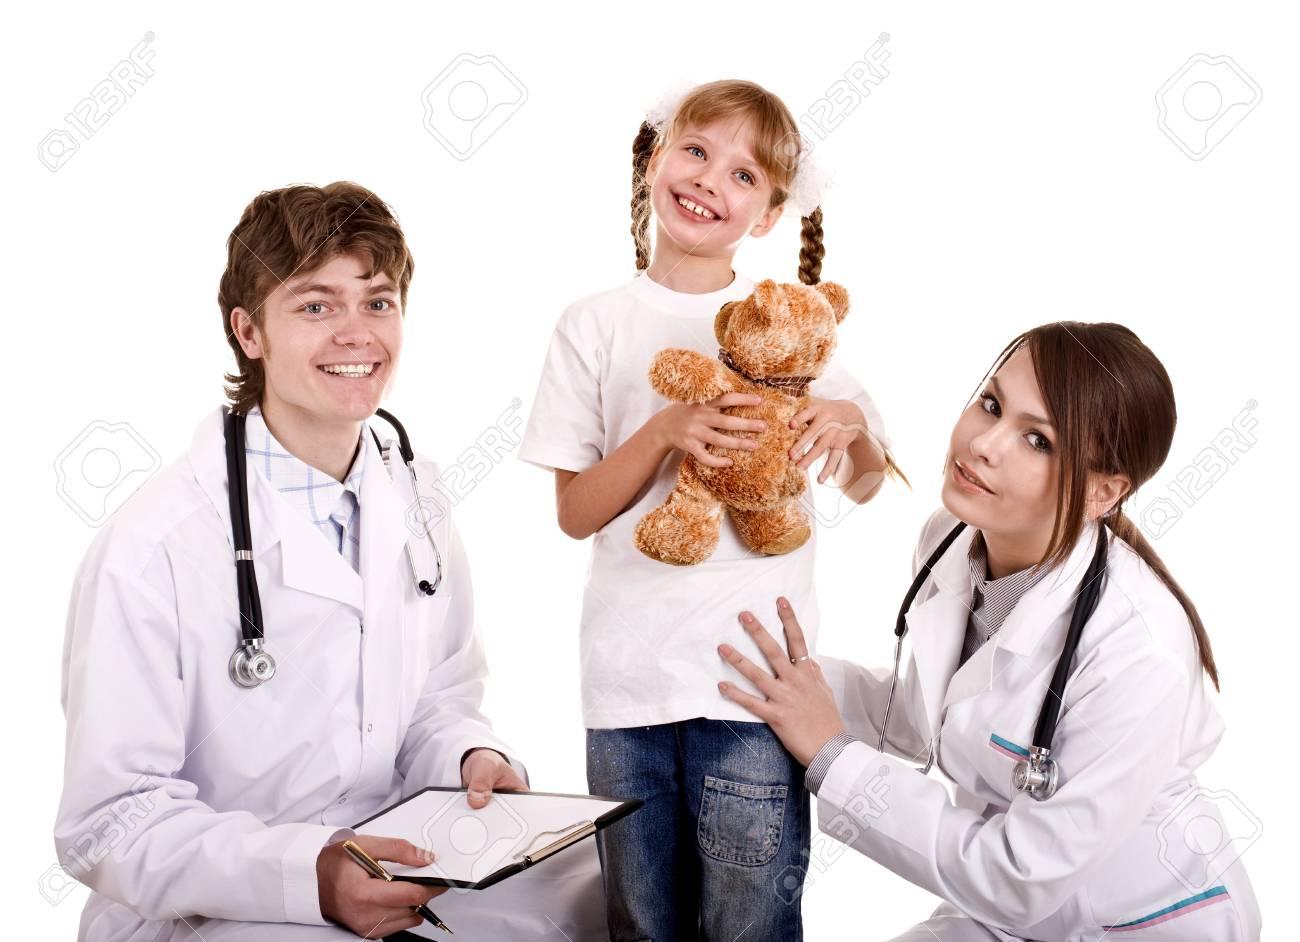 Two paediatrician treat happy child. Medicine. Stock Photo - 6050397